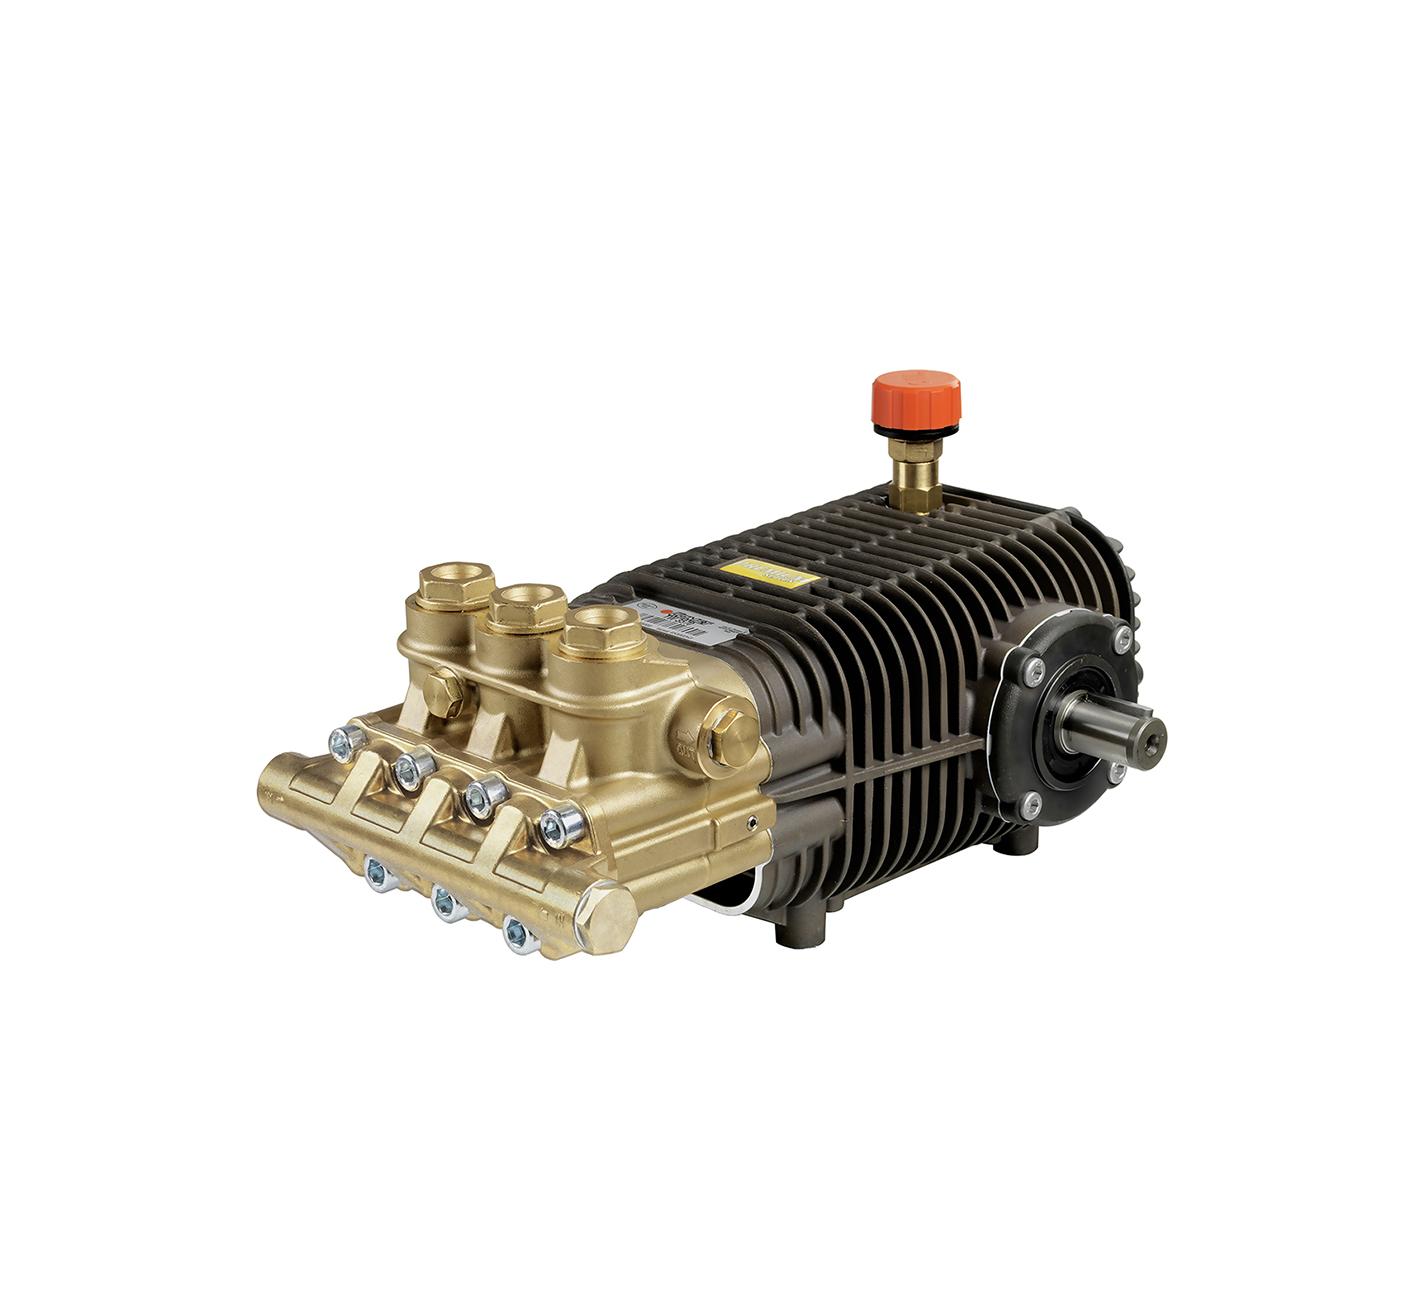 TW 500 TWS 500 Comet Industrial Pumps